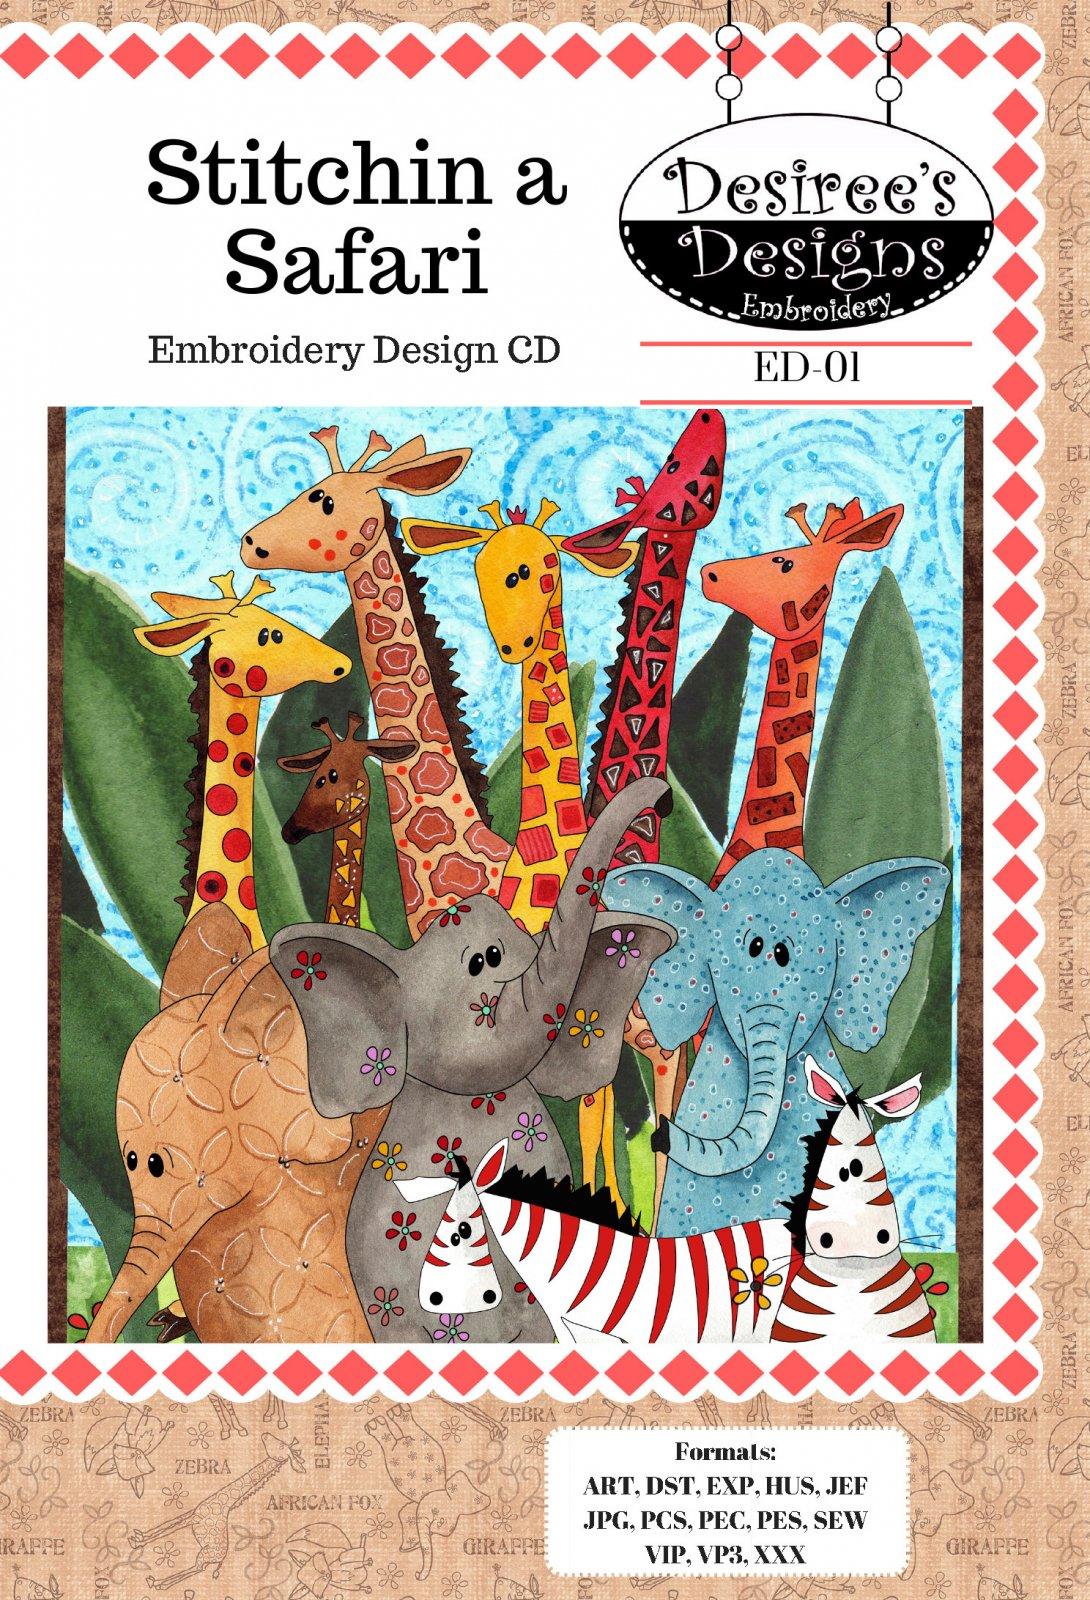 Stitchin A Safari Embroidery CD